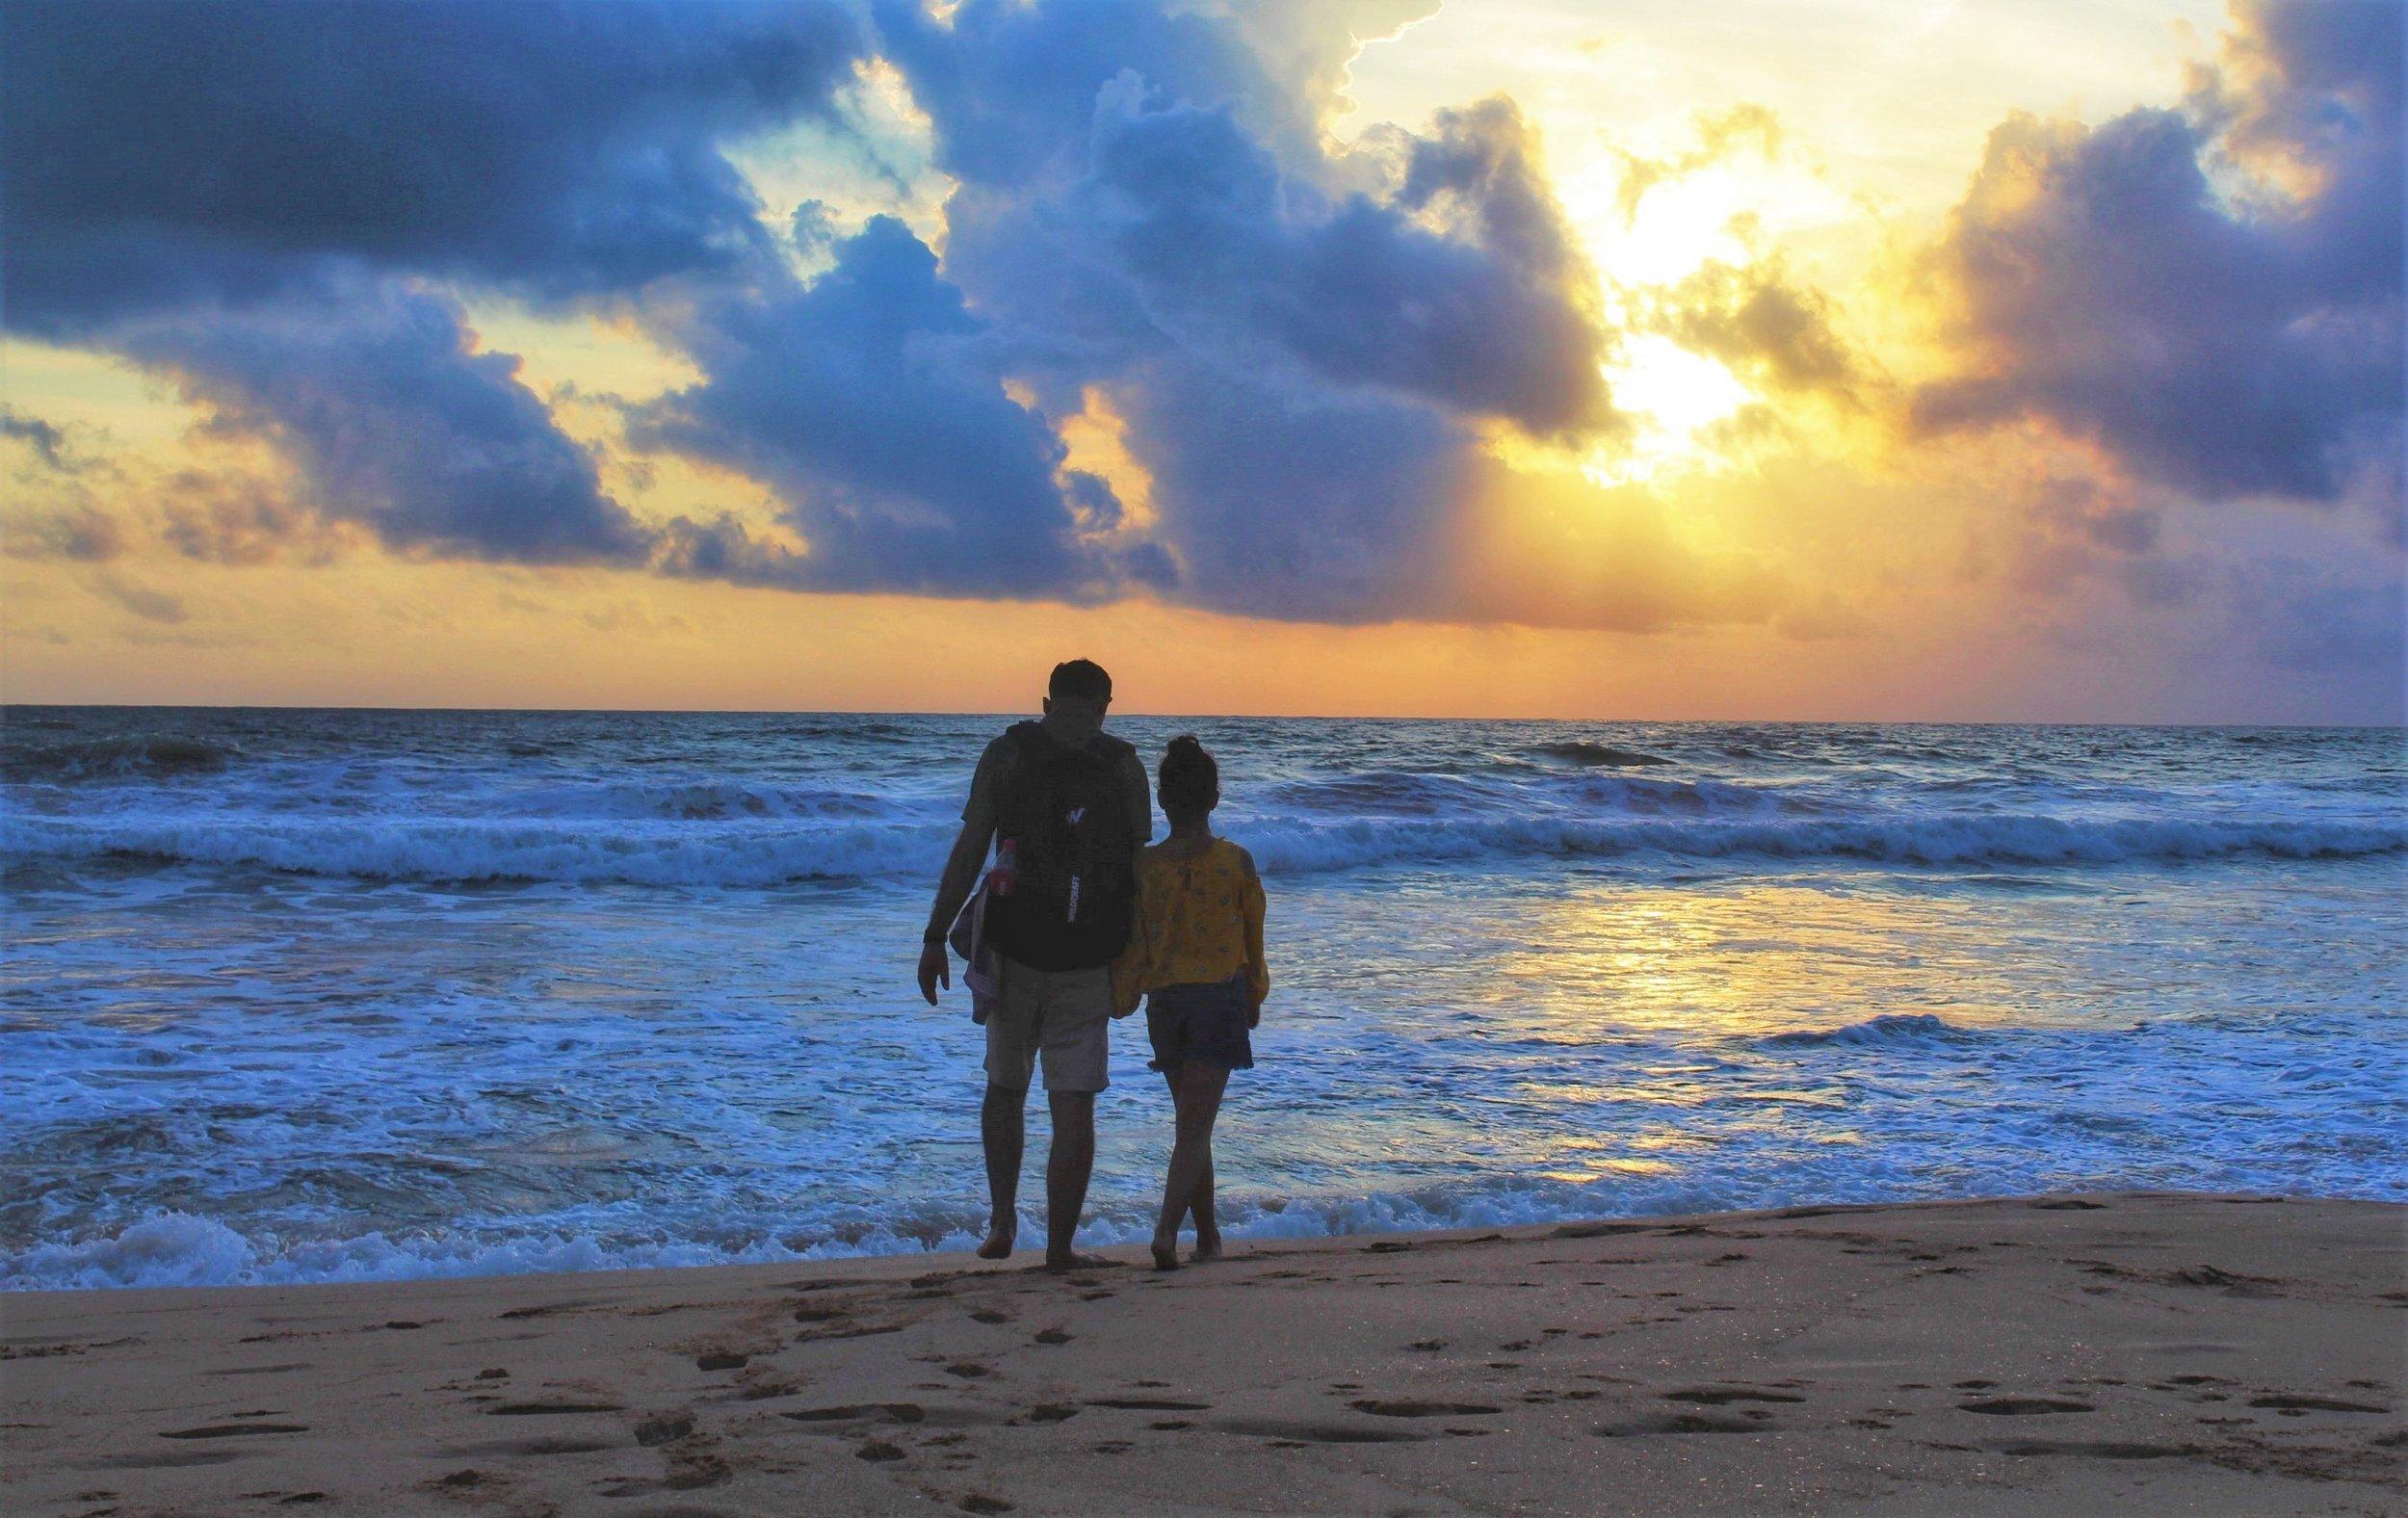 Unawantuna is one of the best beaches in Sri Lanka.